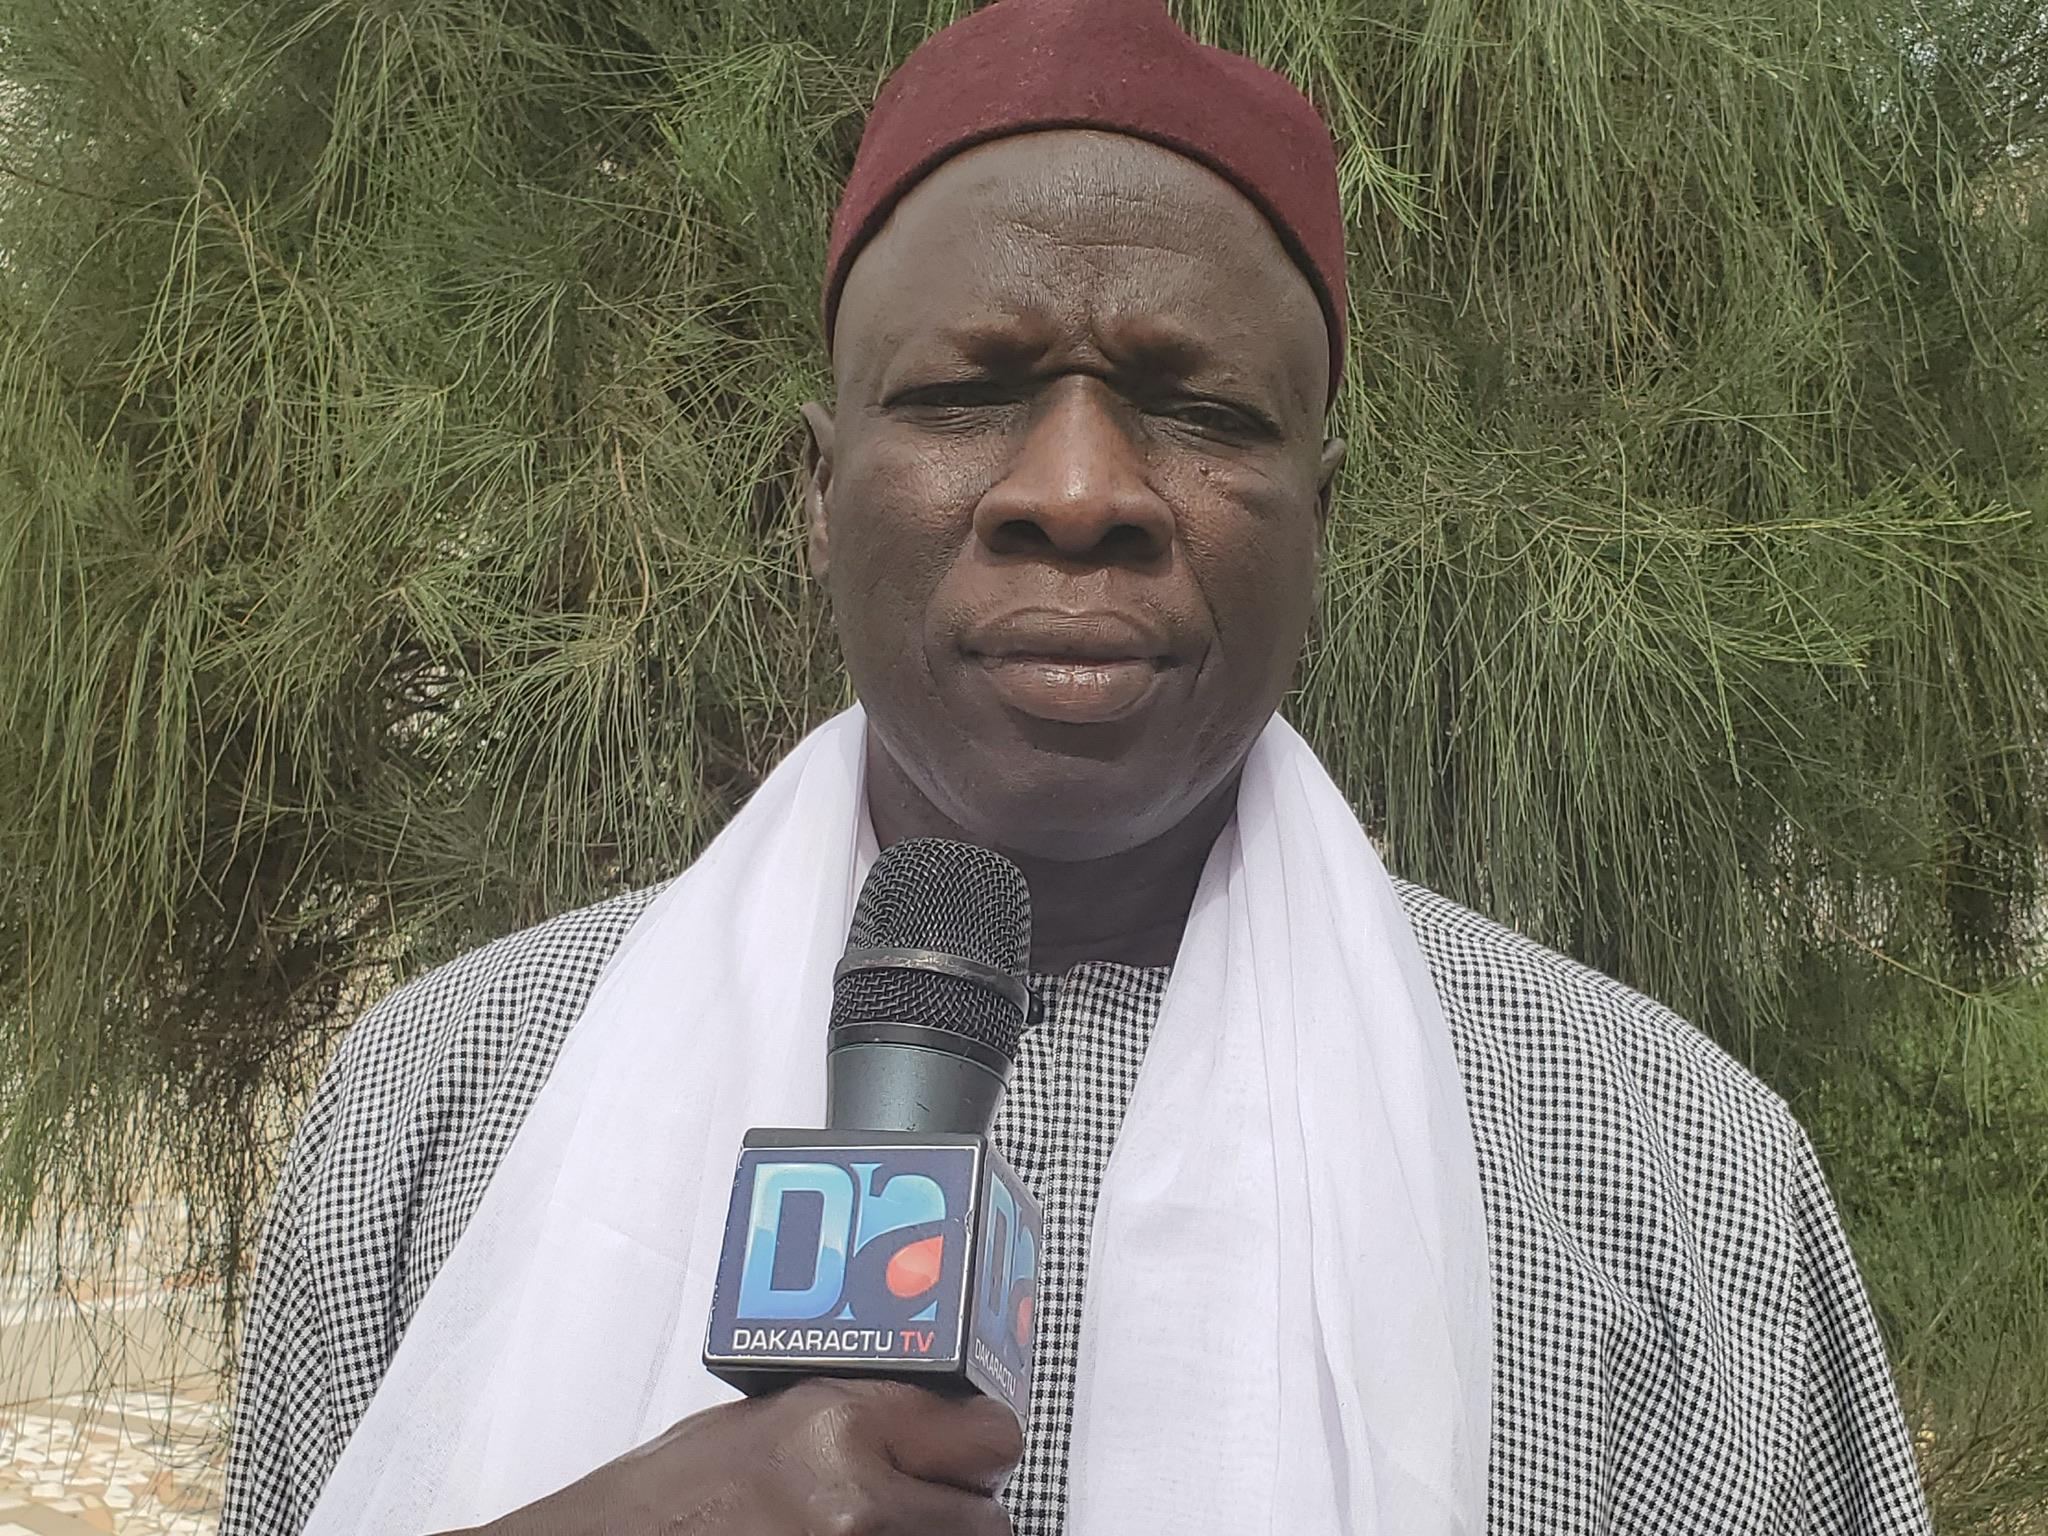 SERIGNE BASSIROU SY S'EXCLAME : «Ne serait-ce par égard à nos chefs religieux... L'exclusion de Cissé Lô va revigorer l'Apr à Touba... Idy et Sonko ne voudront pas de lui»